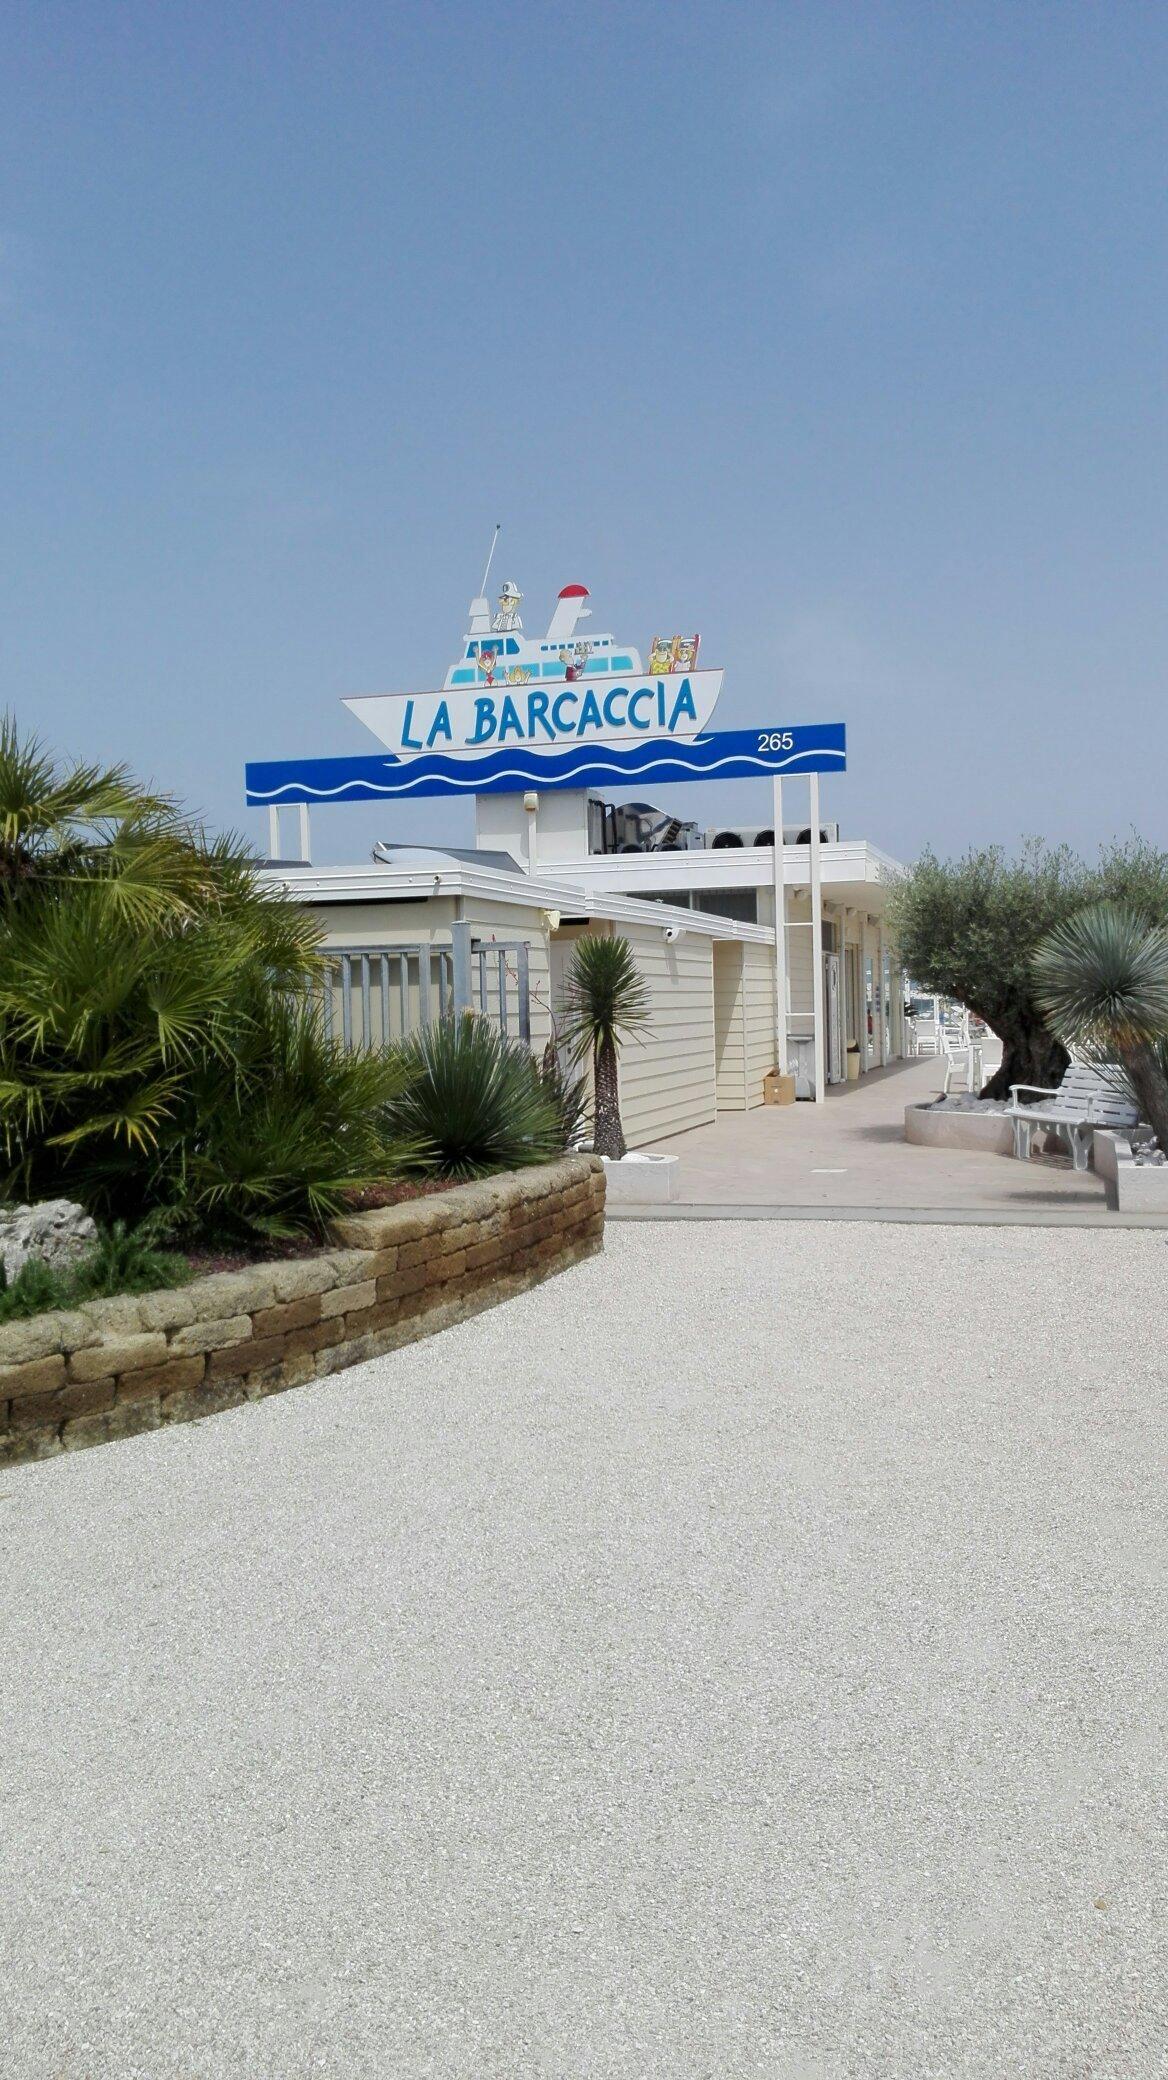 Bagno La Barcaccia